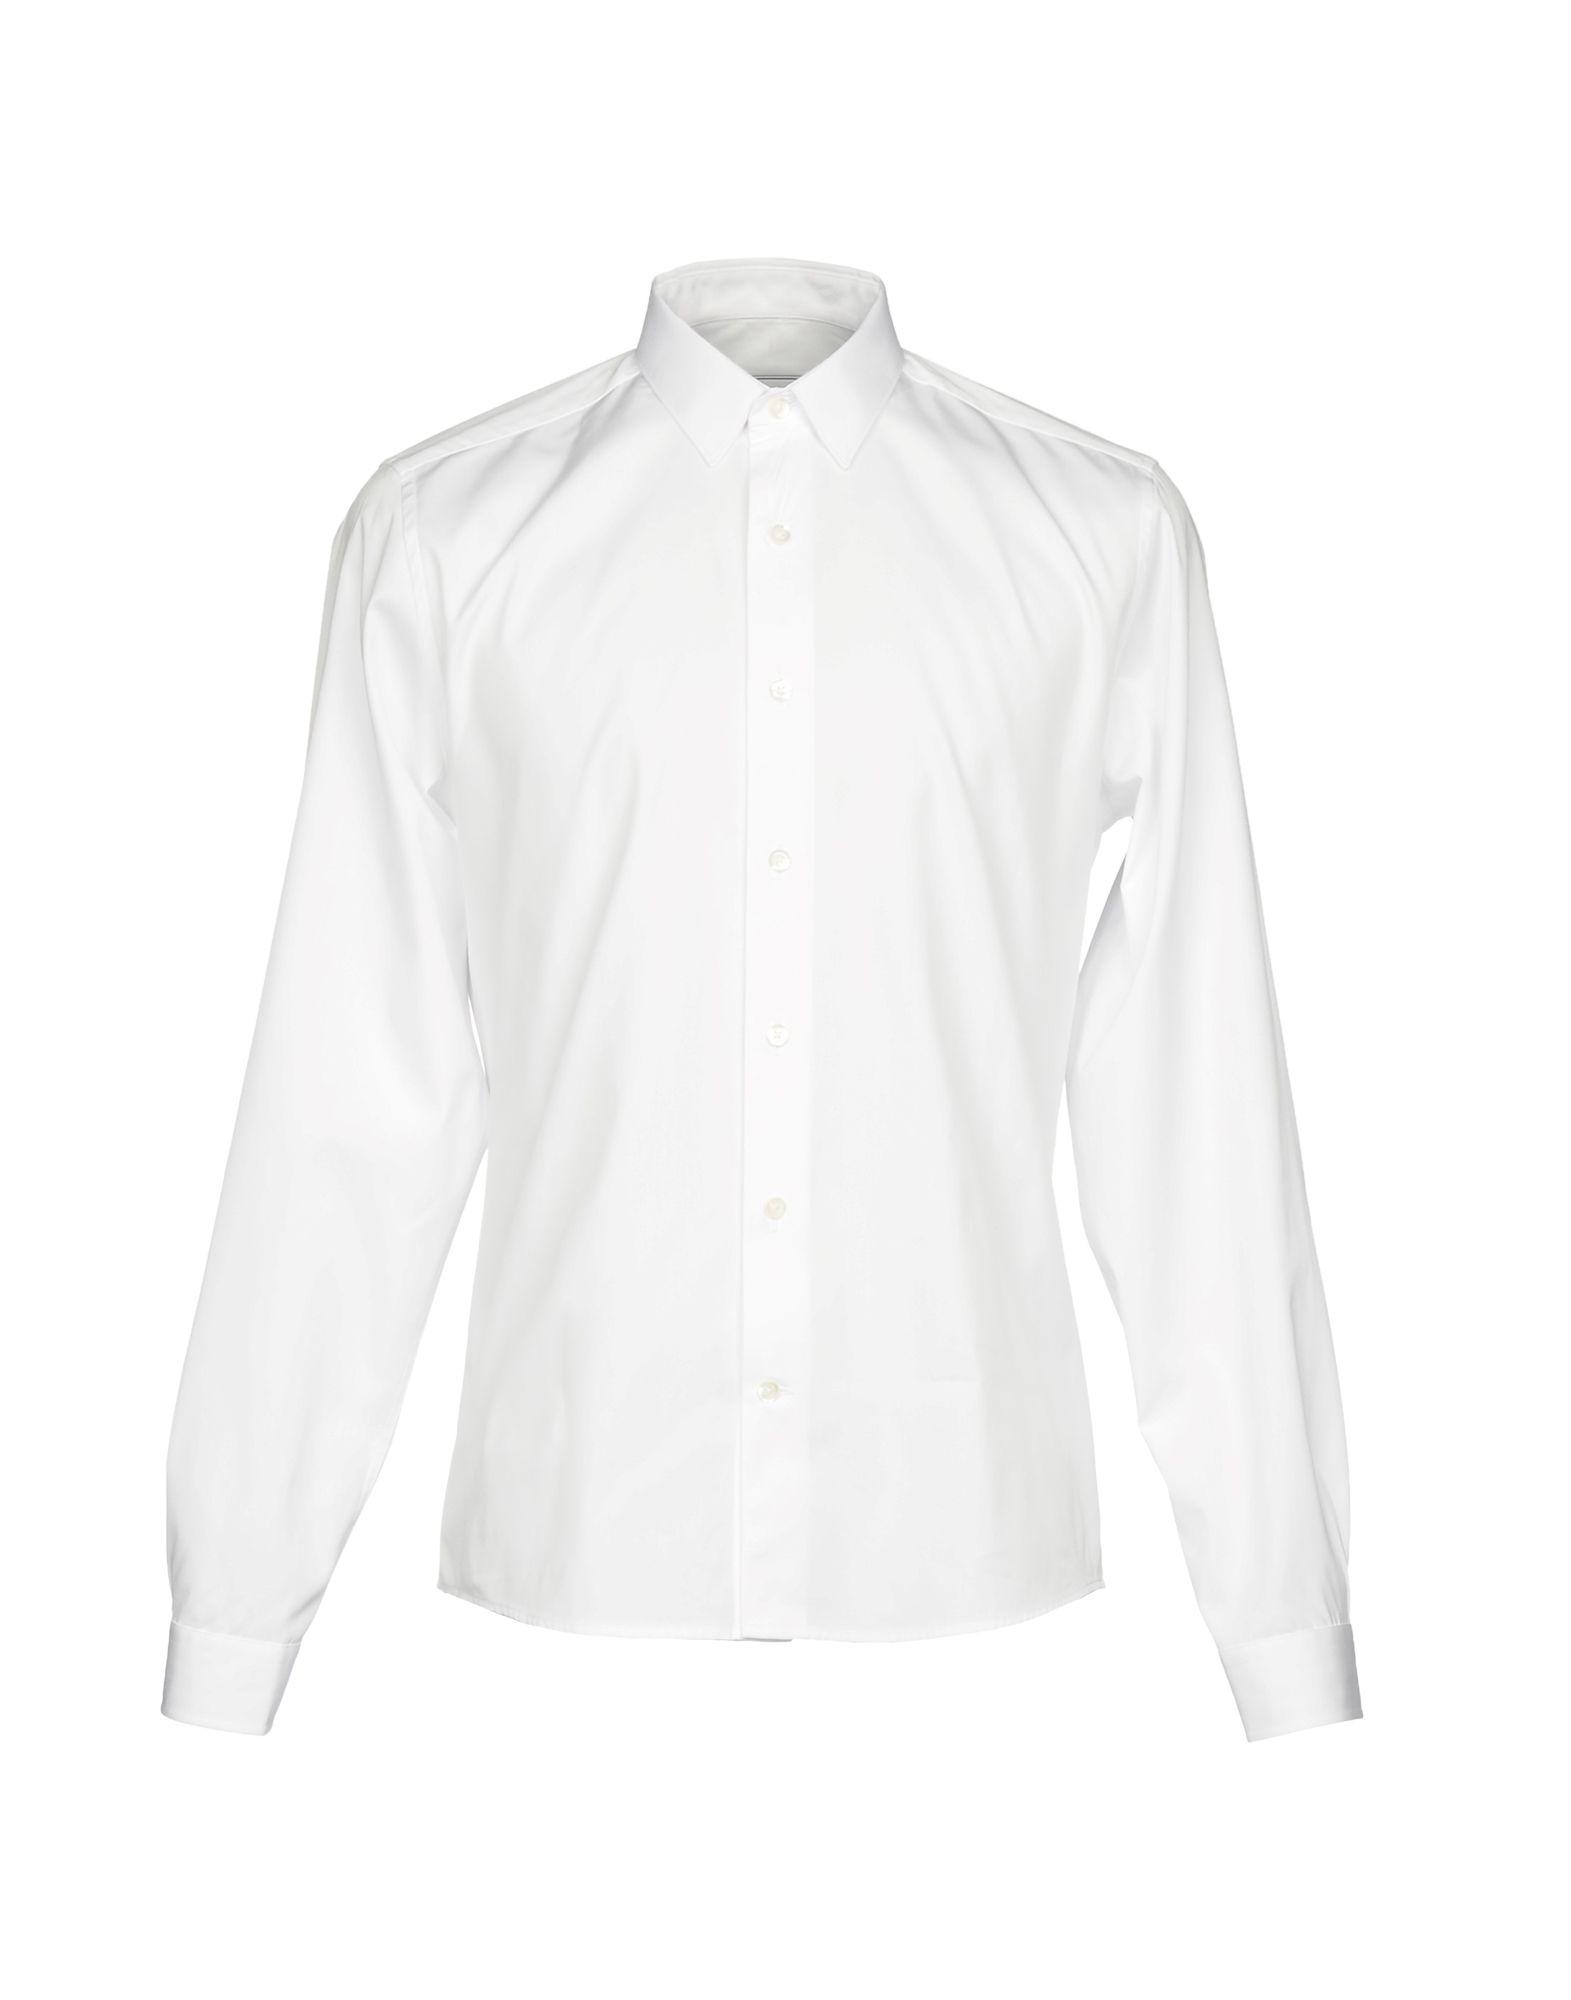 《期間限定セール開催中!》AMI ALEXANDRE MATTIUSSI メンズ シャツ ホワイト 43 コットン 100%